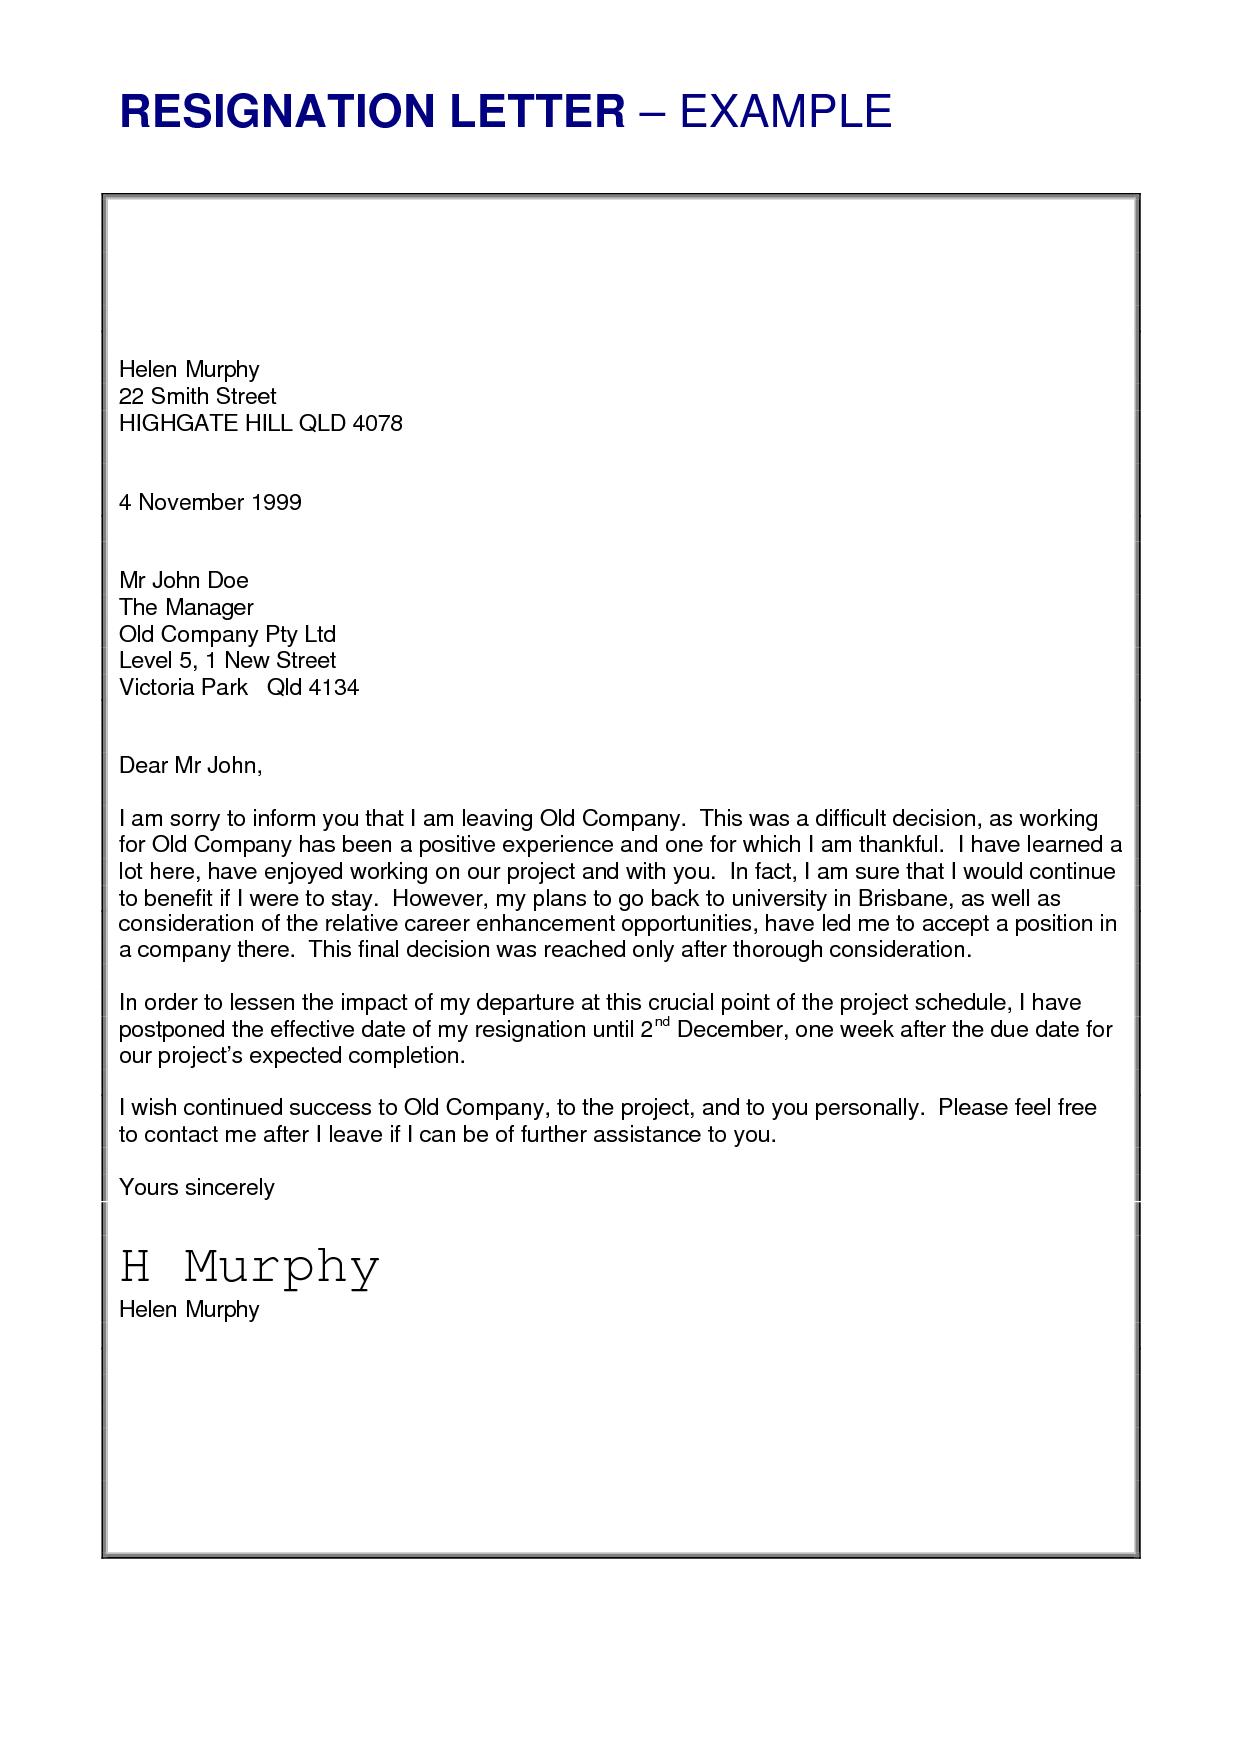 Letter Of Resignation Teacher Template - Job Resignation Letter Sample Loganun Blog Job